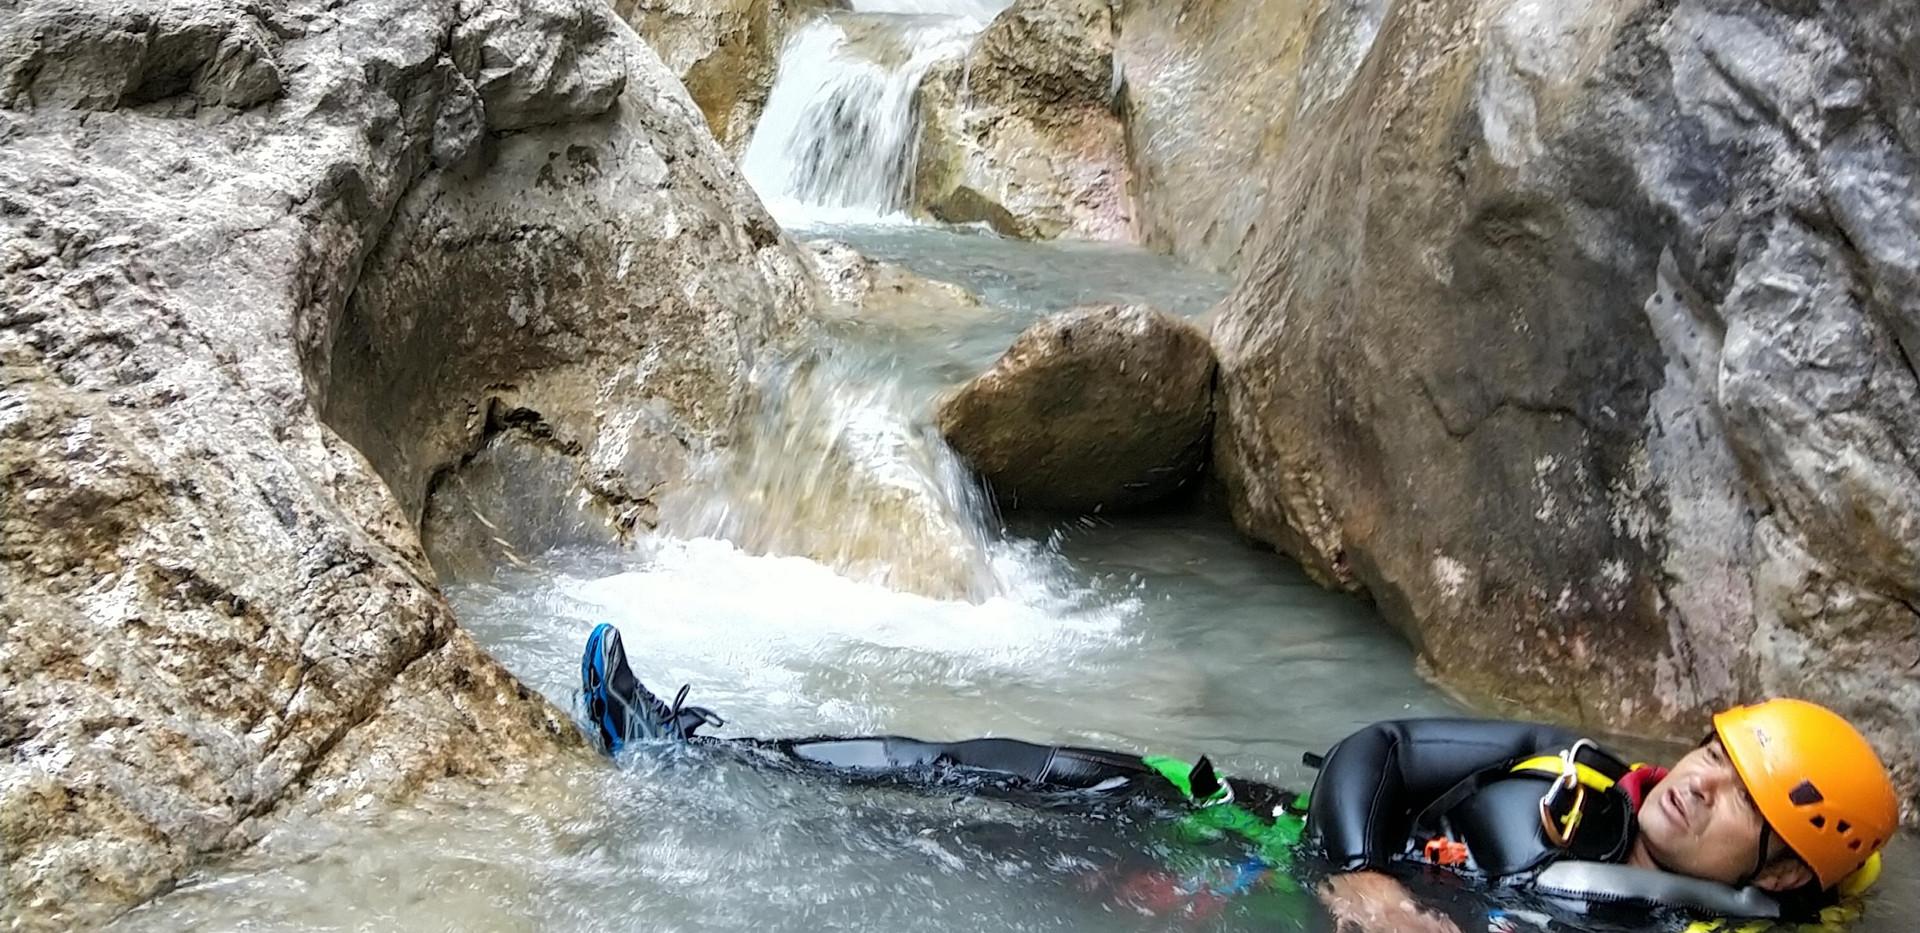 du canyoning super beau